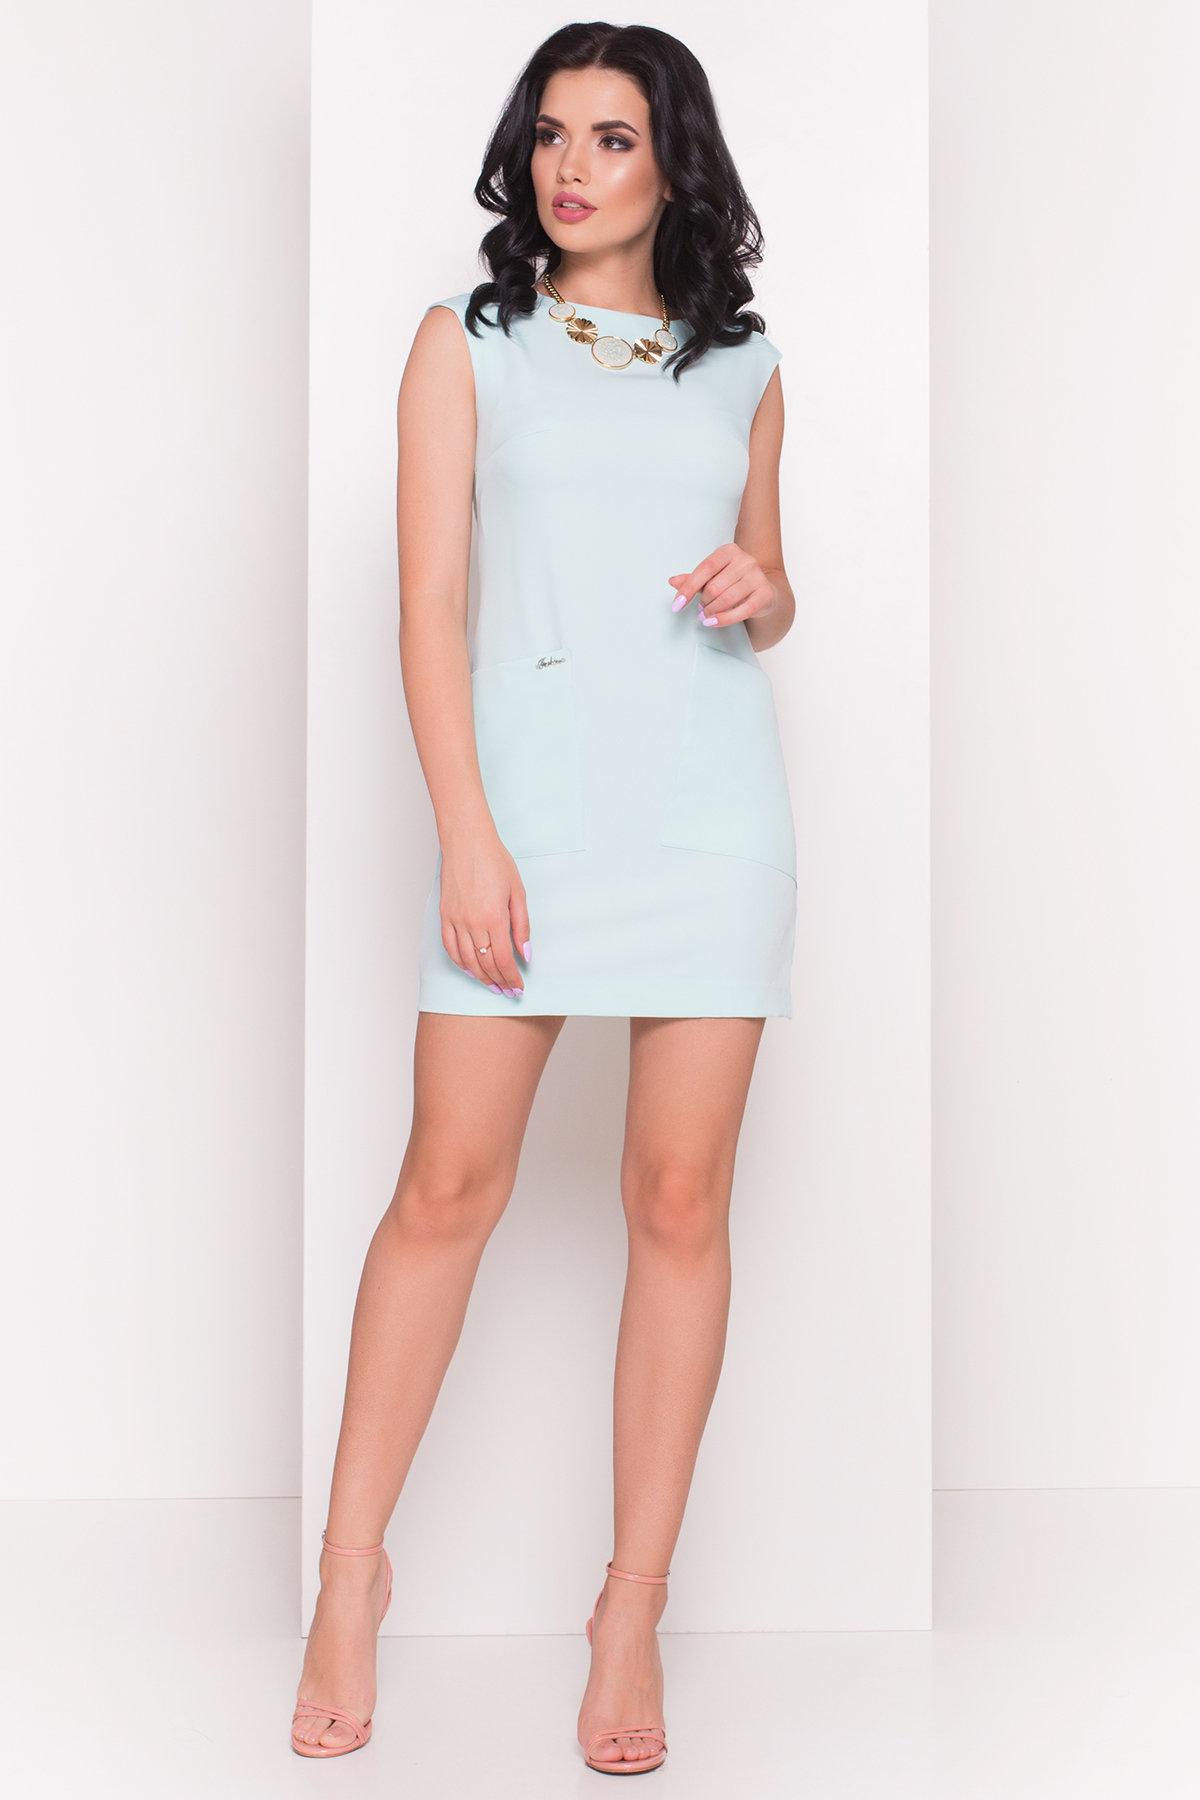 Женская одежда оптом от производителя Платье Виларго лайт 270